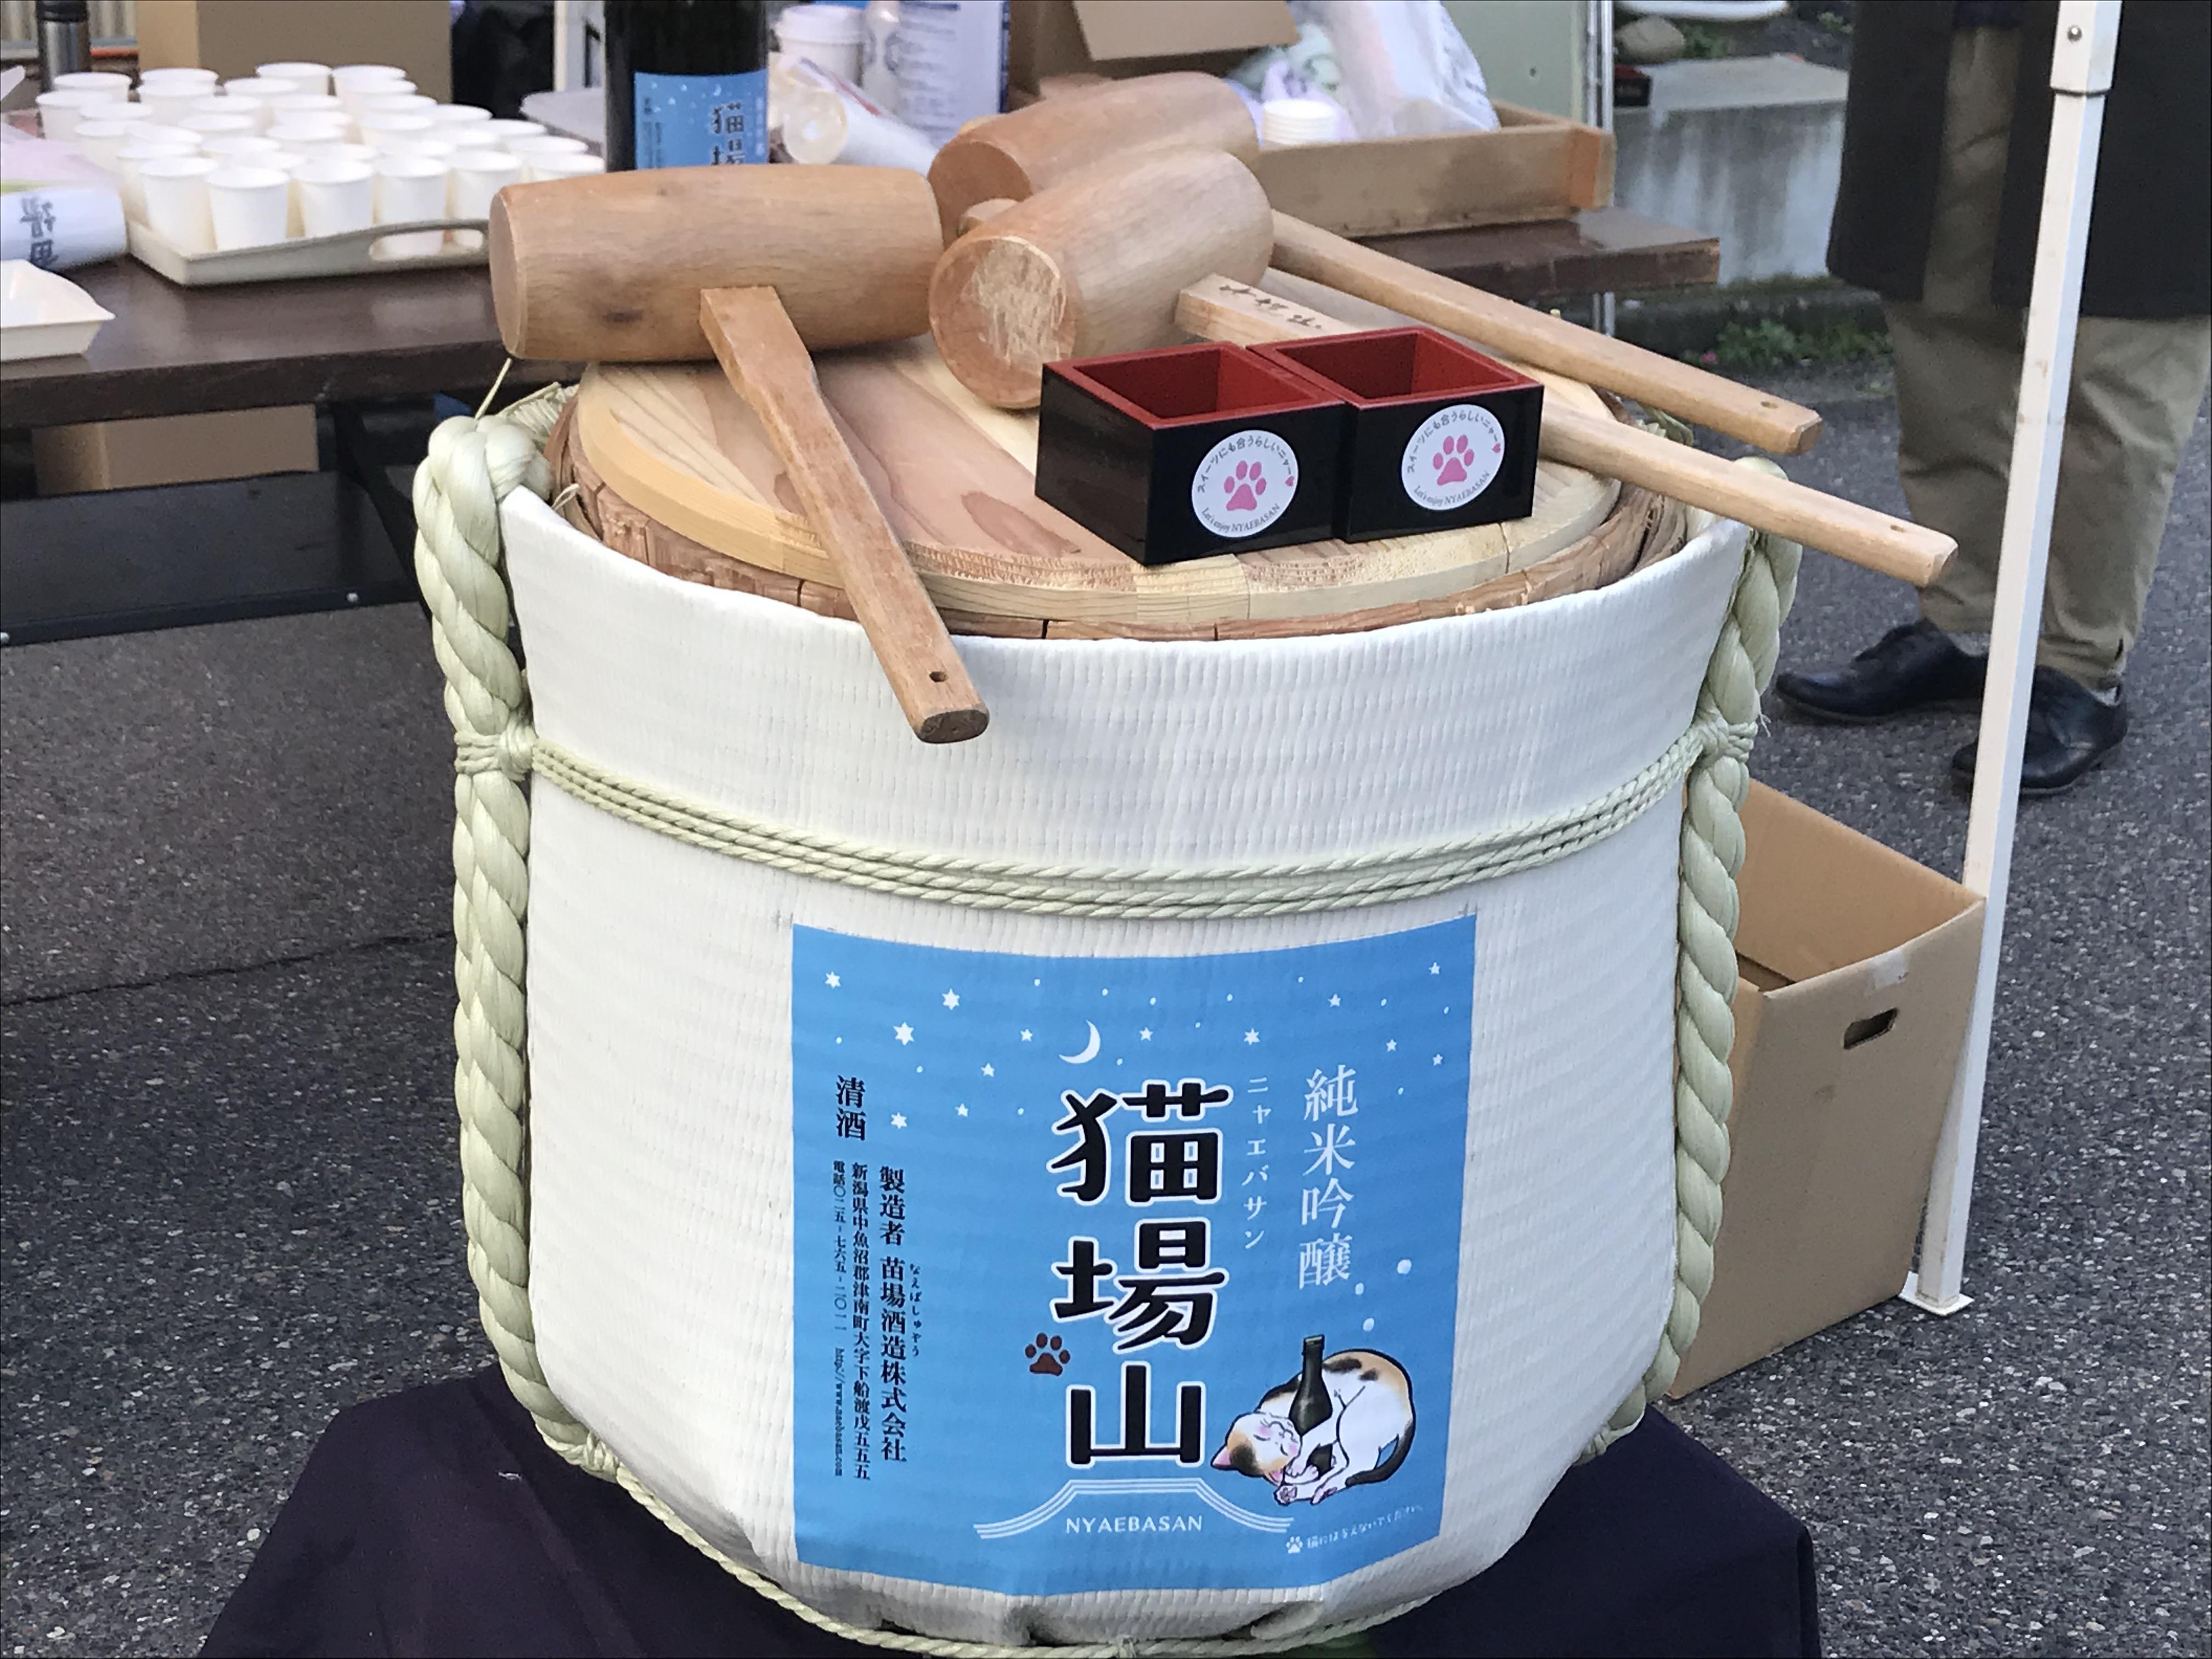 ㈱苗場酒造 猫をモチーフにした日本酒「純米吟醸酒 猫場山(ニャエバサン)」発売!!